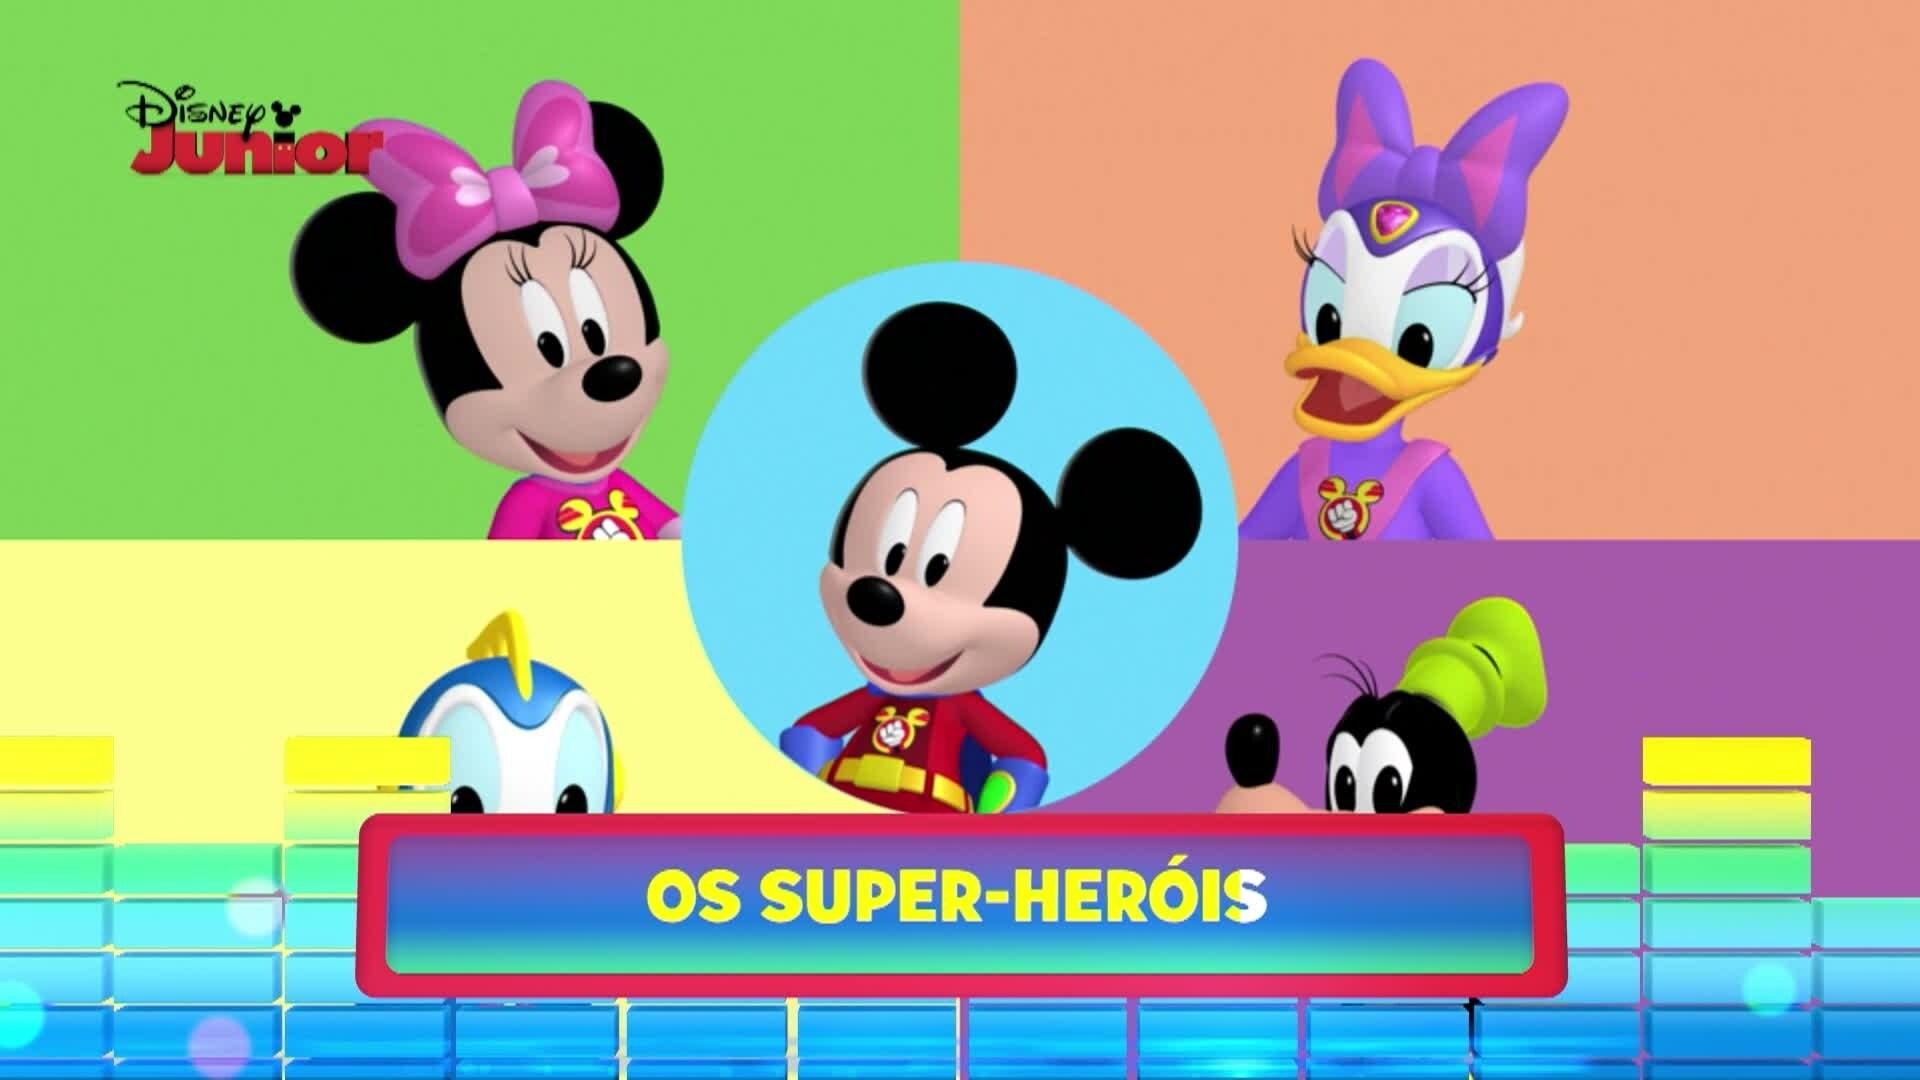 Os Super-Heróis